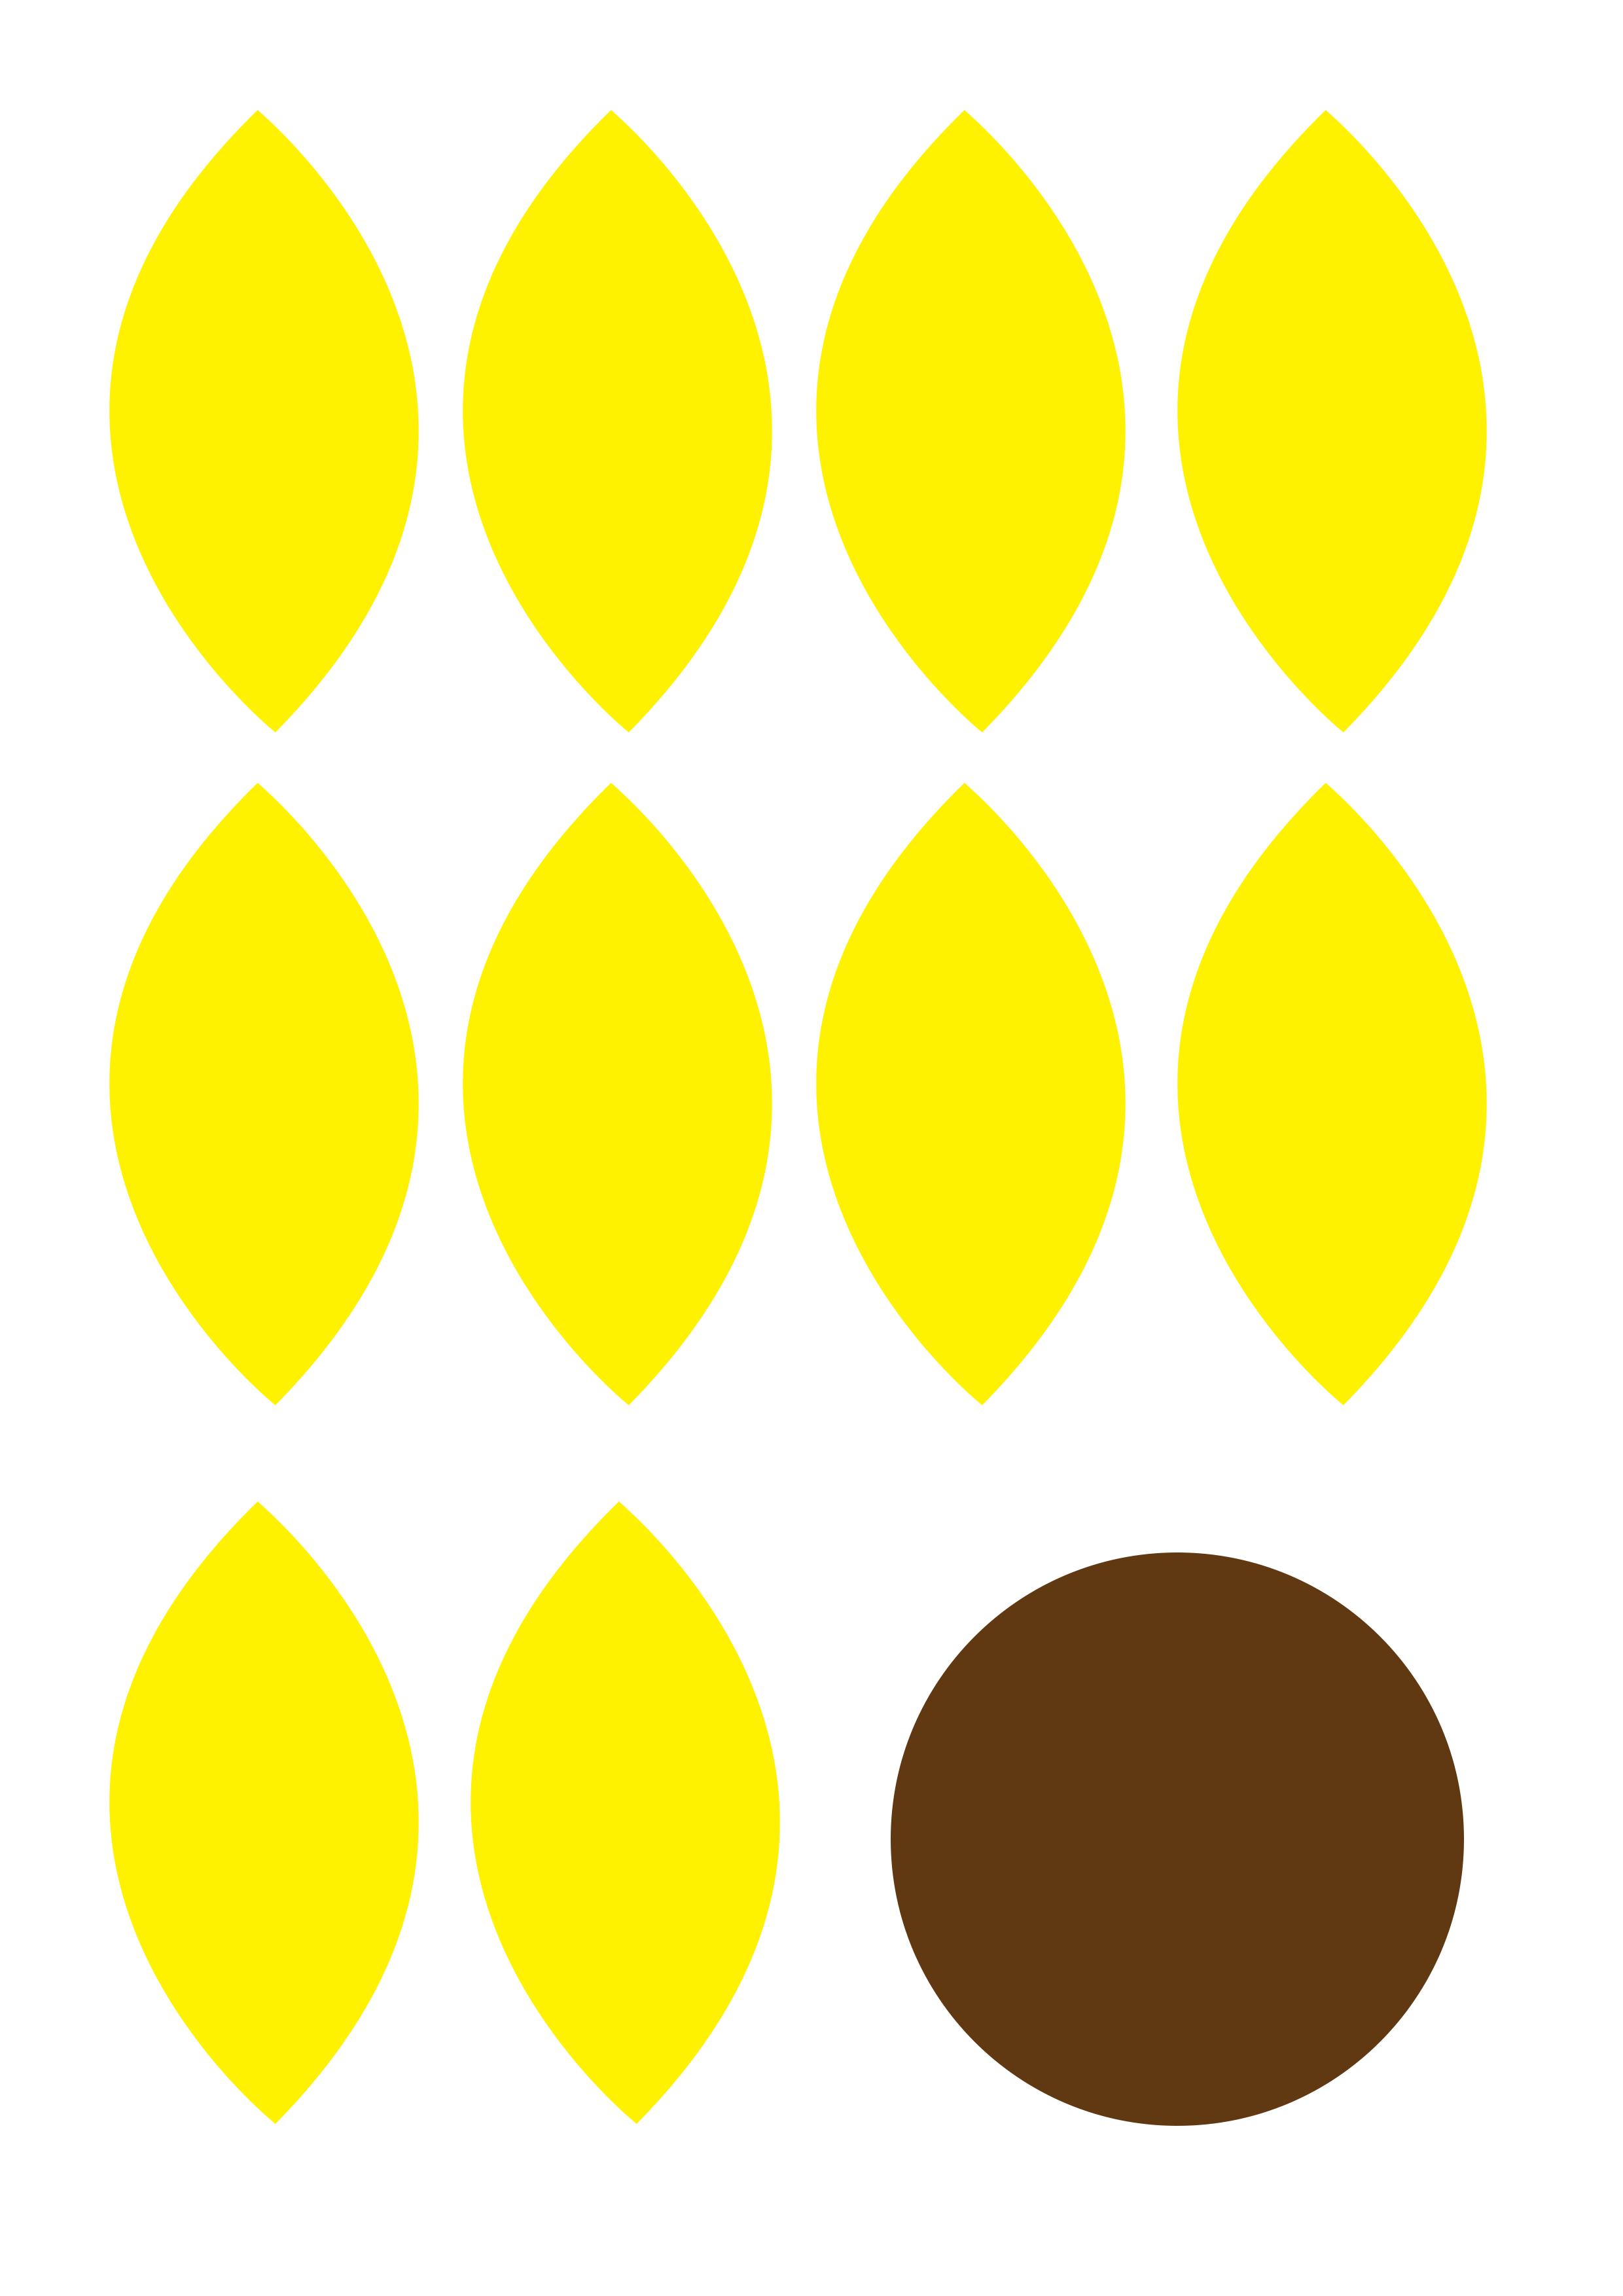 Aktuell Sonnenblume Basteln Anleitung Und Vorlage Fur Die Blume In 2020 Sonnenblume Basteln Blumen Basteln Sonnenblumen